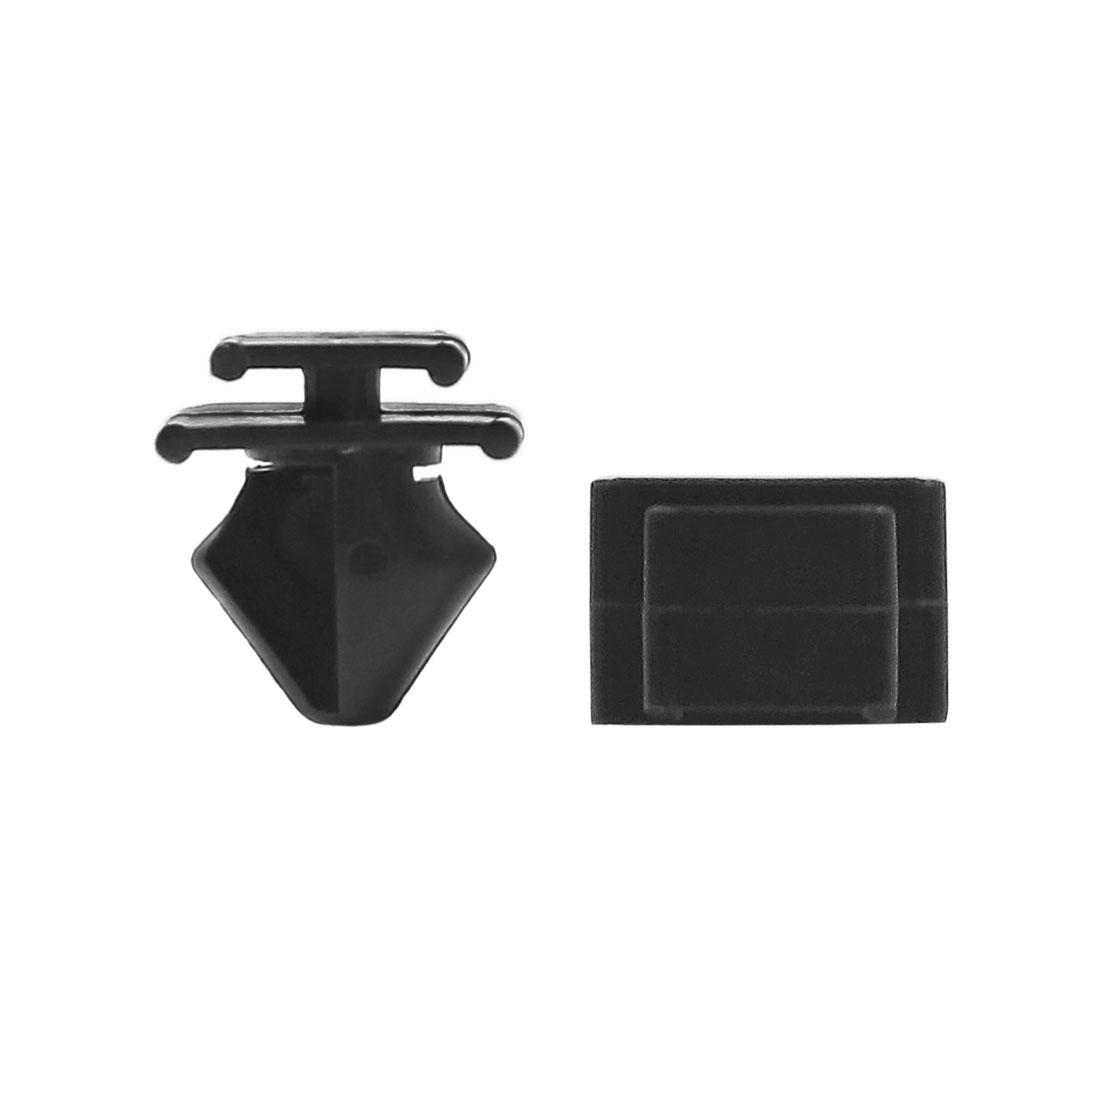 30pcs 12mm Hole Plastic Door Fender Bumper Push Rivets Clip Black for Car